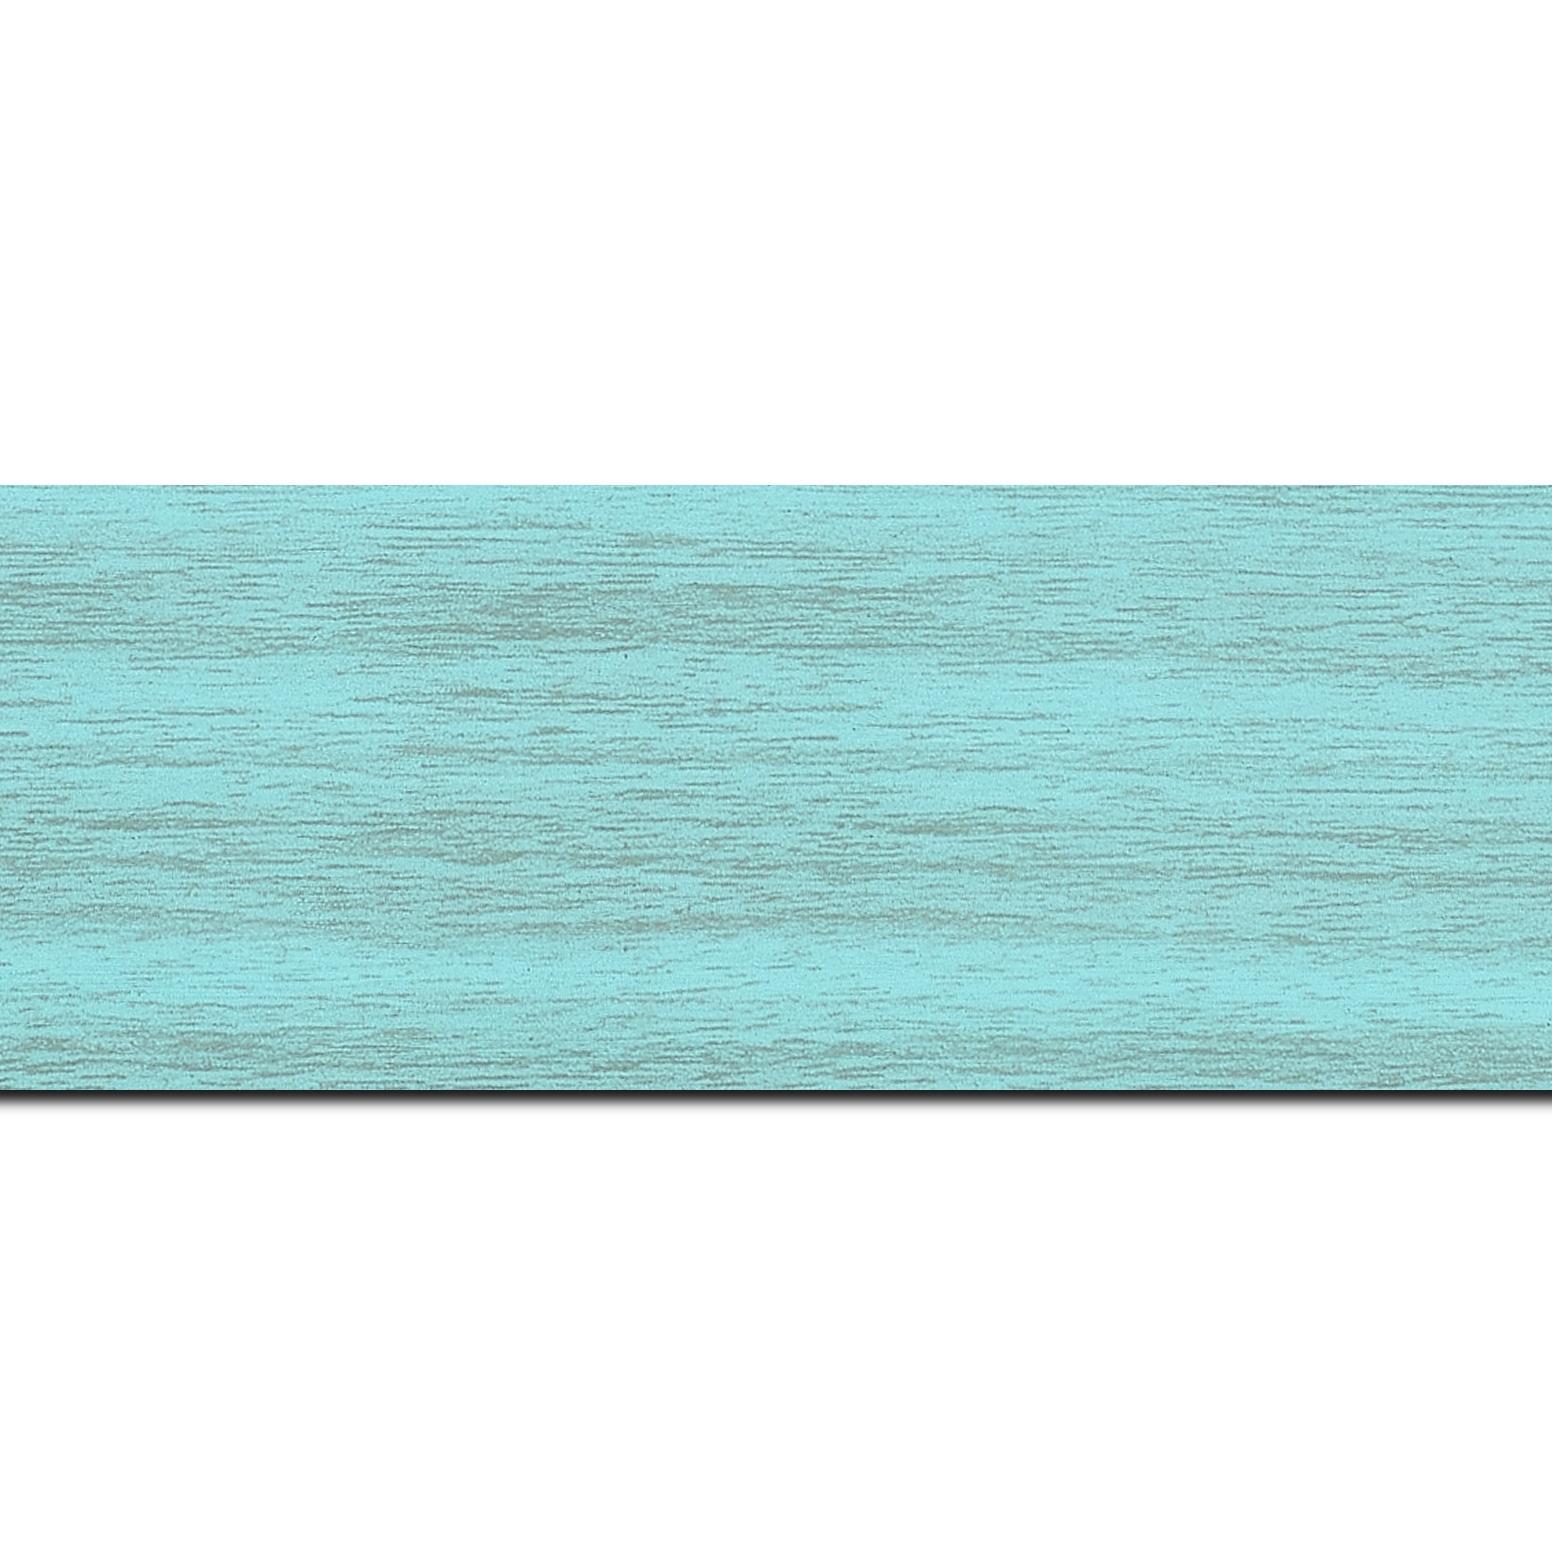 Pack par 12m, bois profil plat largeur 6cm turquoise satiné effet veiné ,chant extérieur du cadre de couleur noire(longueur baguette pouvant varier entre 2.40m et 3m selon arrivage des bois)